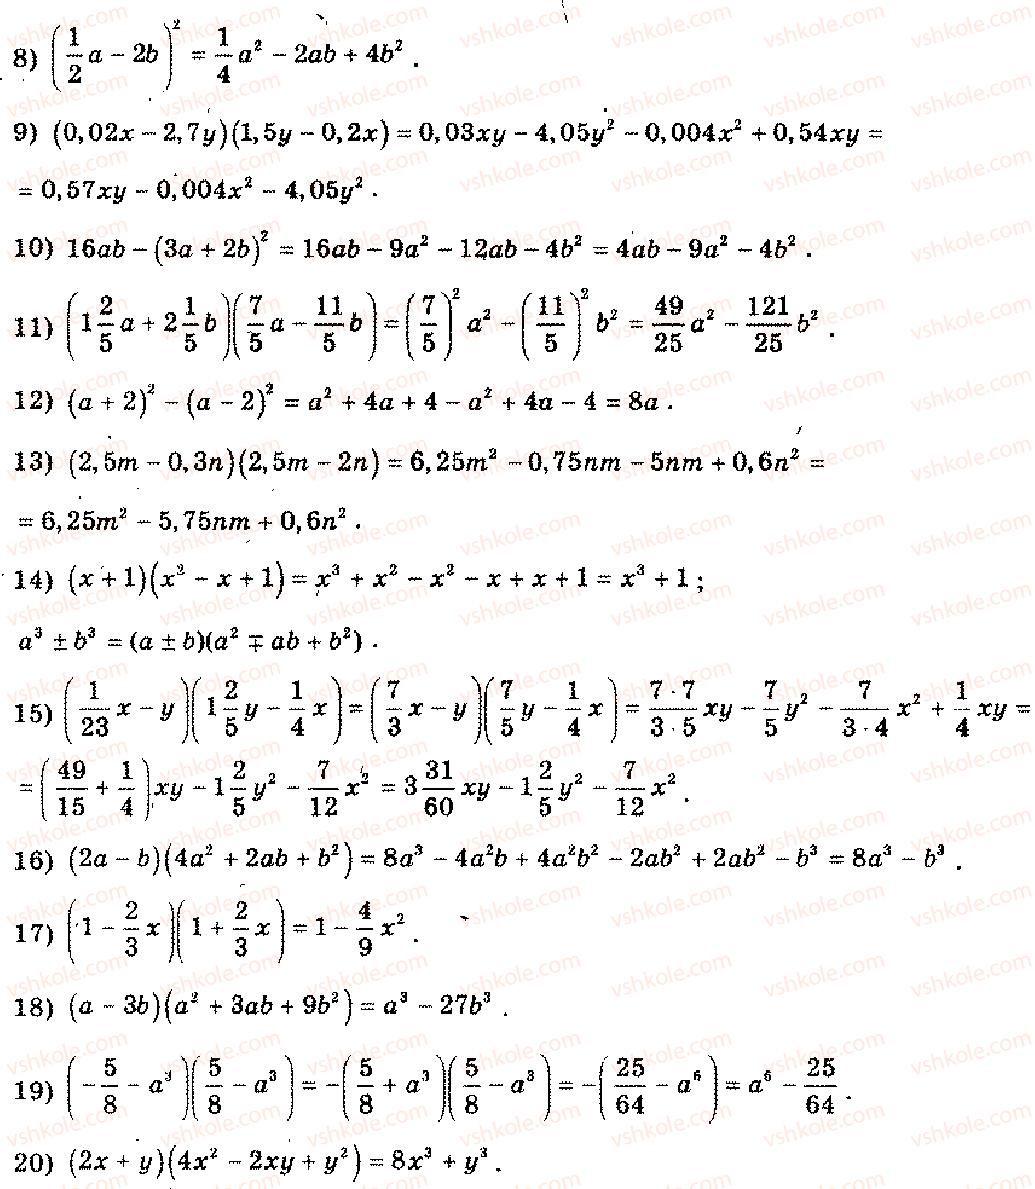 11-algebra-mi-shkil-zi-slepkan-os-dubinchuk-2006--rozdil-15-povtorennya-kursu-algebri-osnovnoyi-shkoli-2-1-rnd7071.jpg